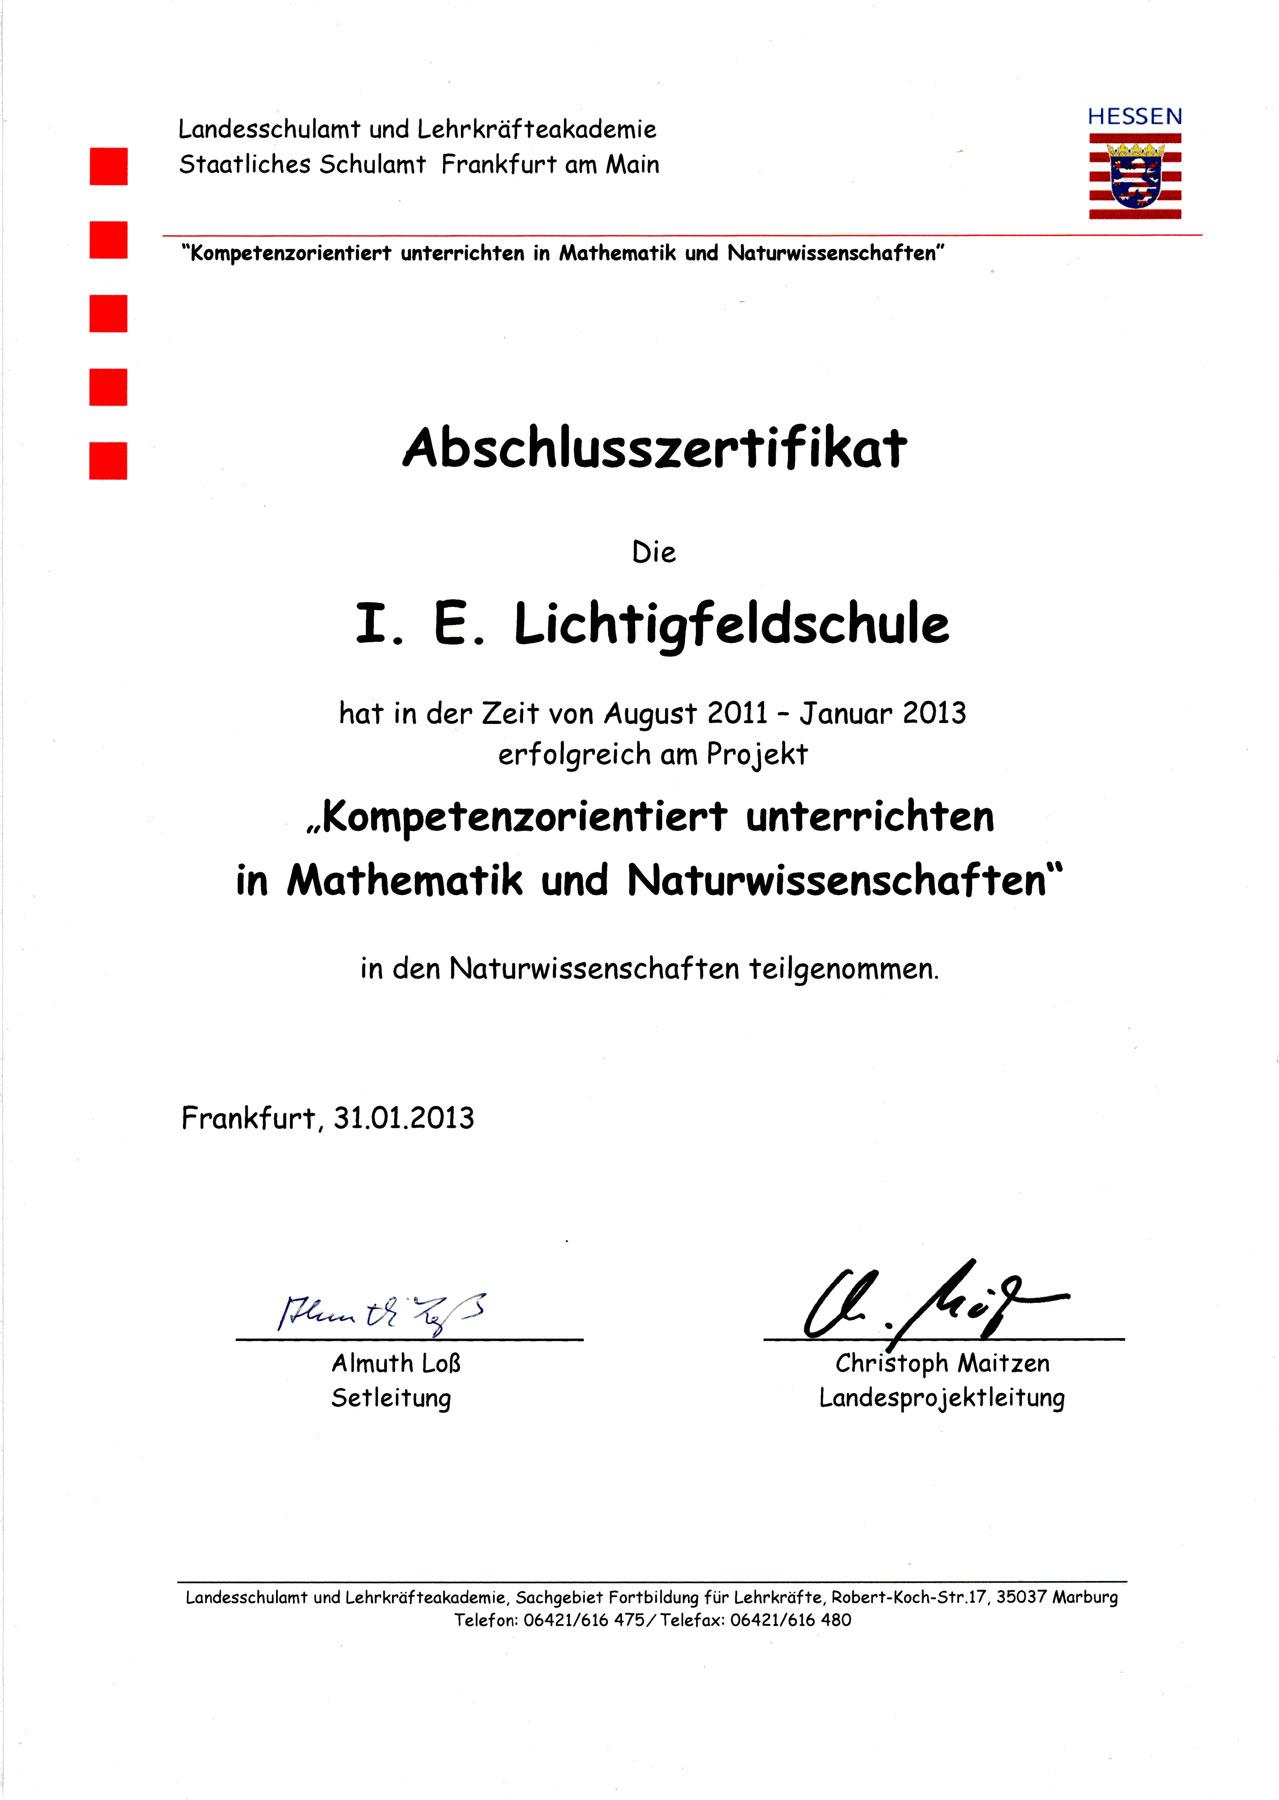 Kompetenzorientiert unterrichten in Mathematik und Naturwissenschaft